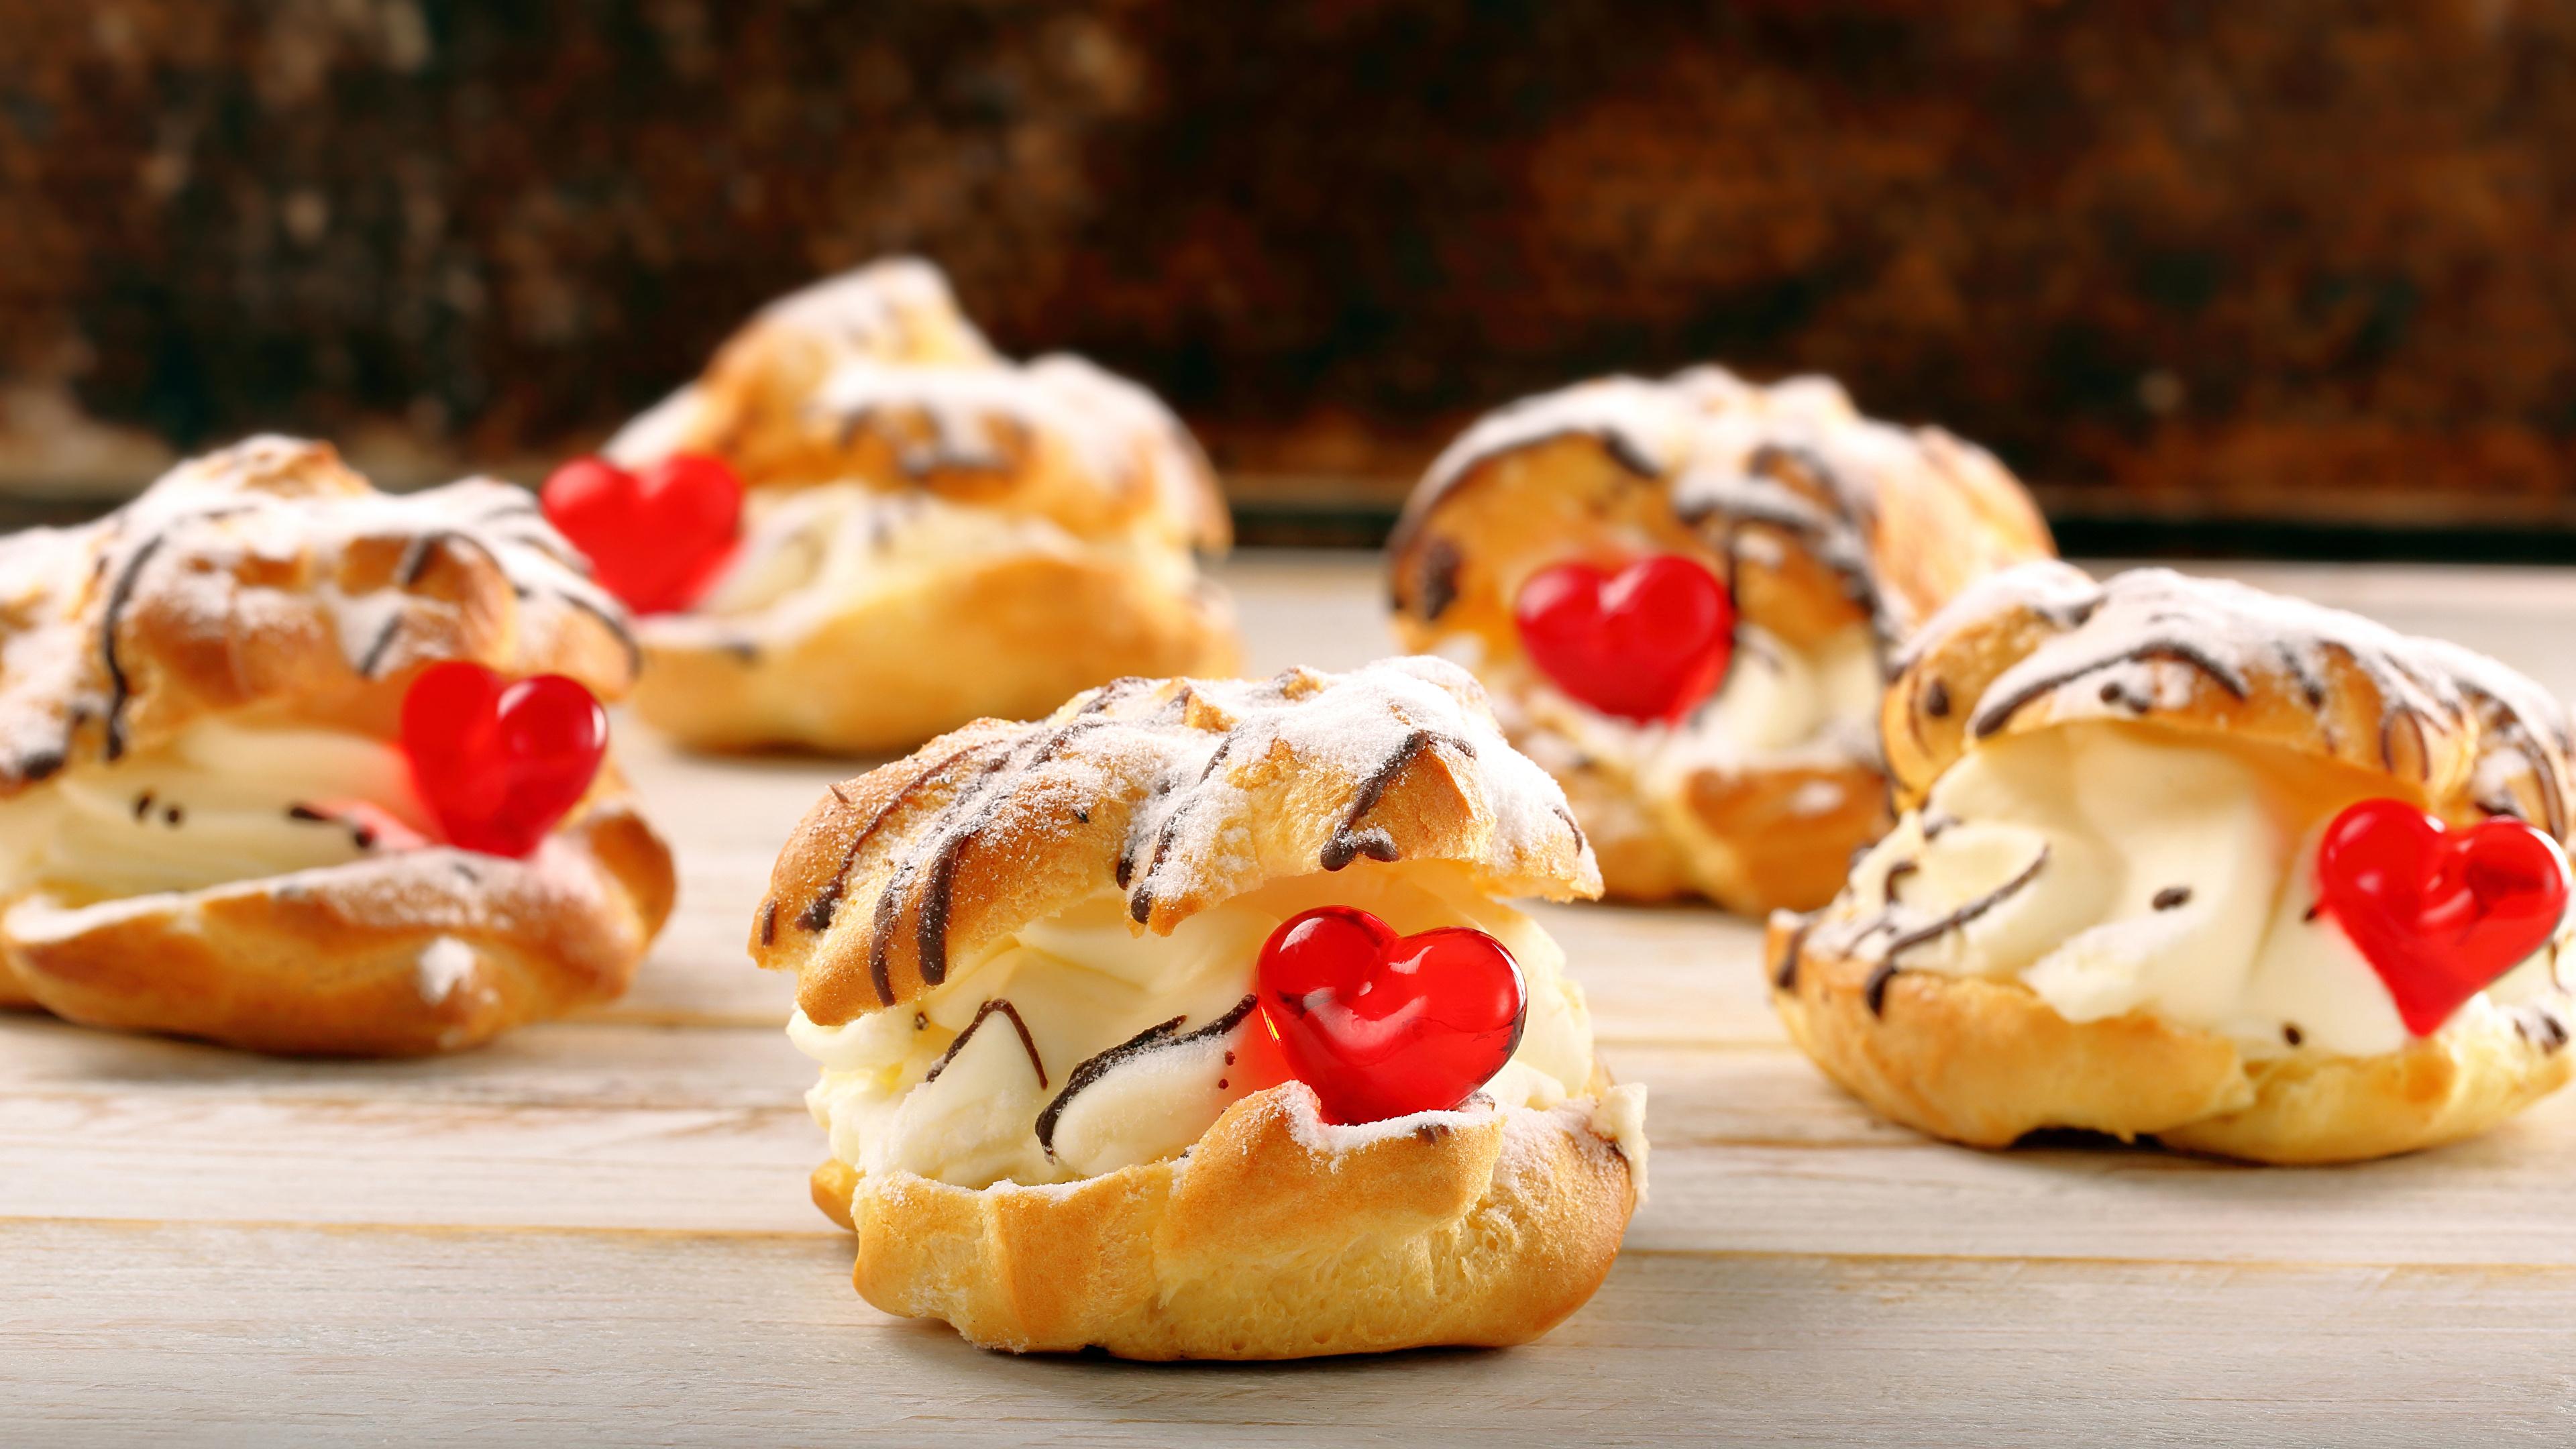 Картинки День святого Валентина сердца Продукты питания Пирожное сладкая еда 3840x2160 День всех влюблённых серце Сердце сердечко Еда Пища Сладости